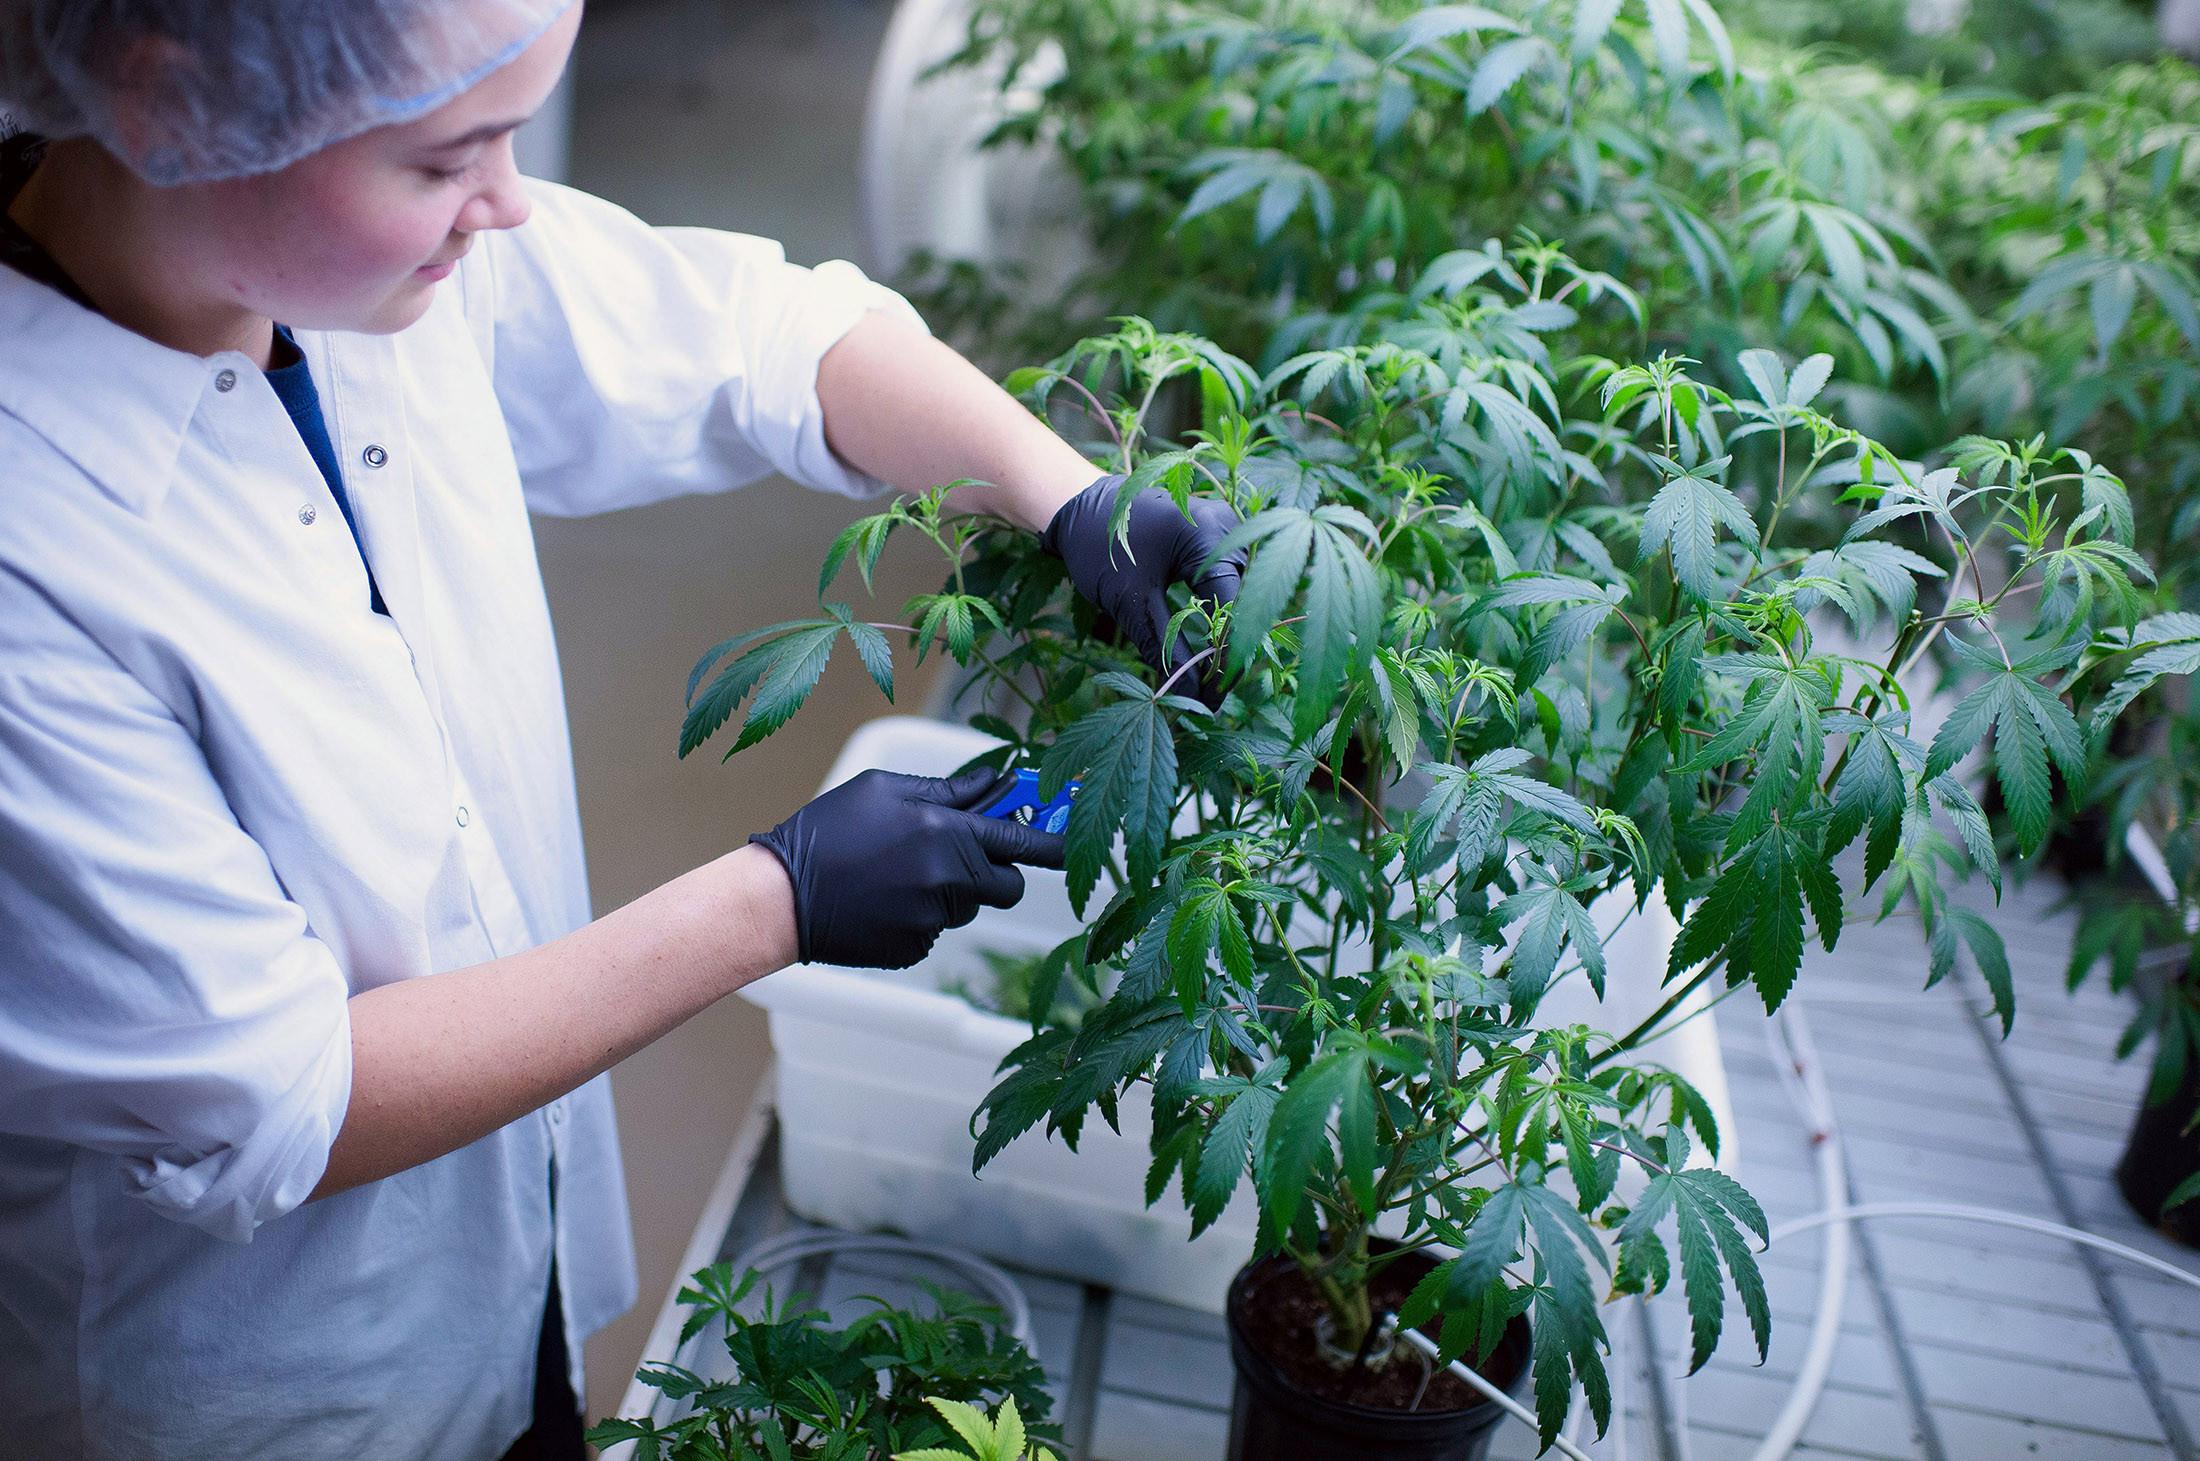 כ-35 עובדים מטפלים ביותר מ-15 אלף צמחי קנאביס